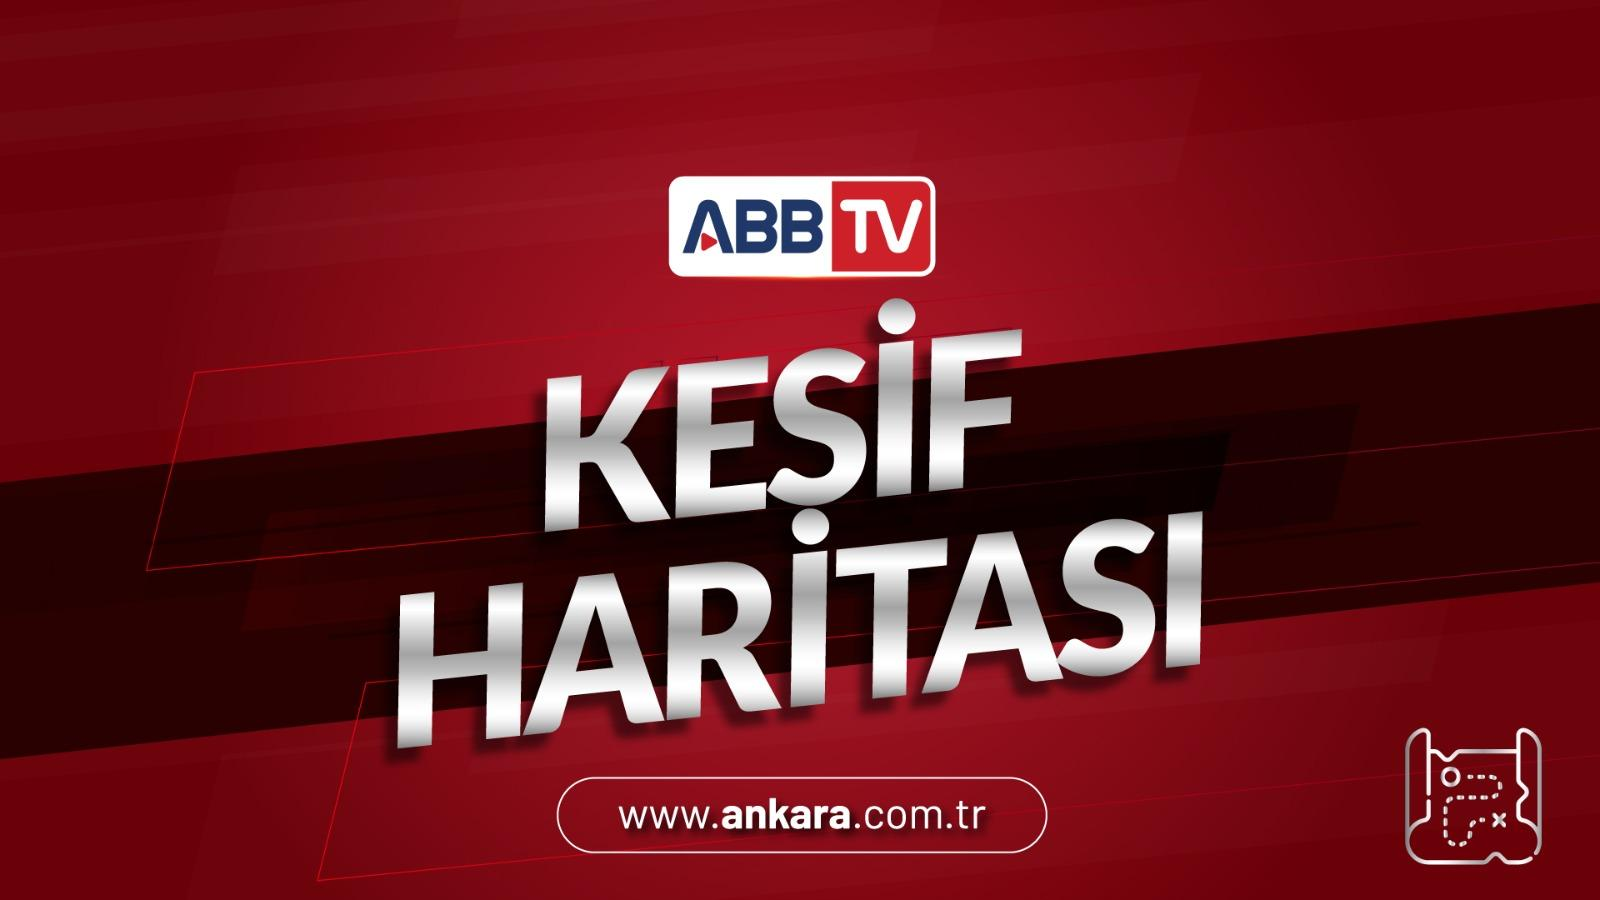 KEŞİF HARİTASI - 3. BÖLÜM